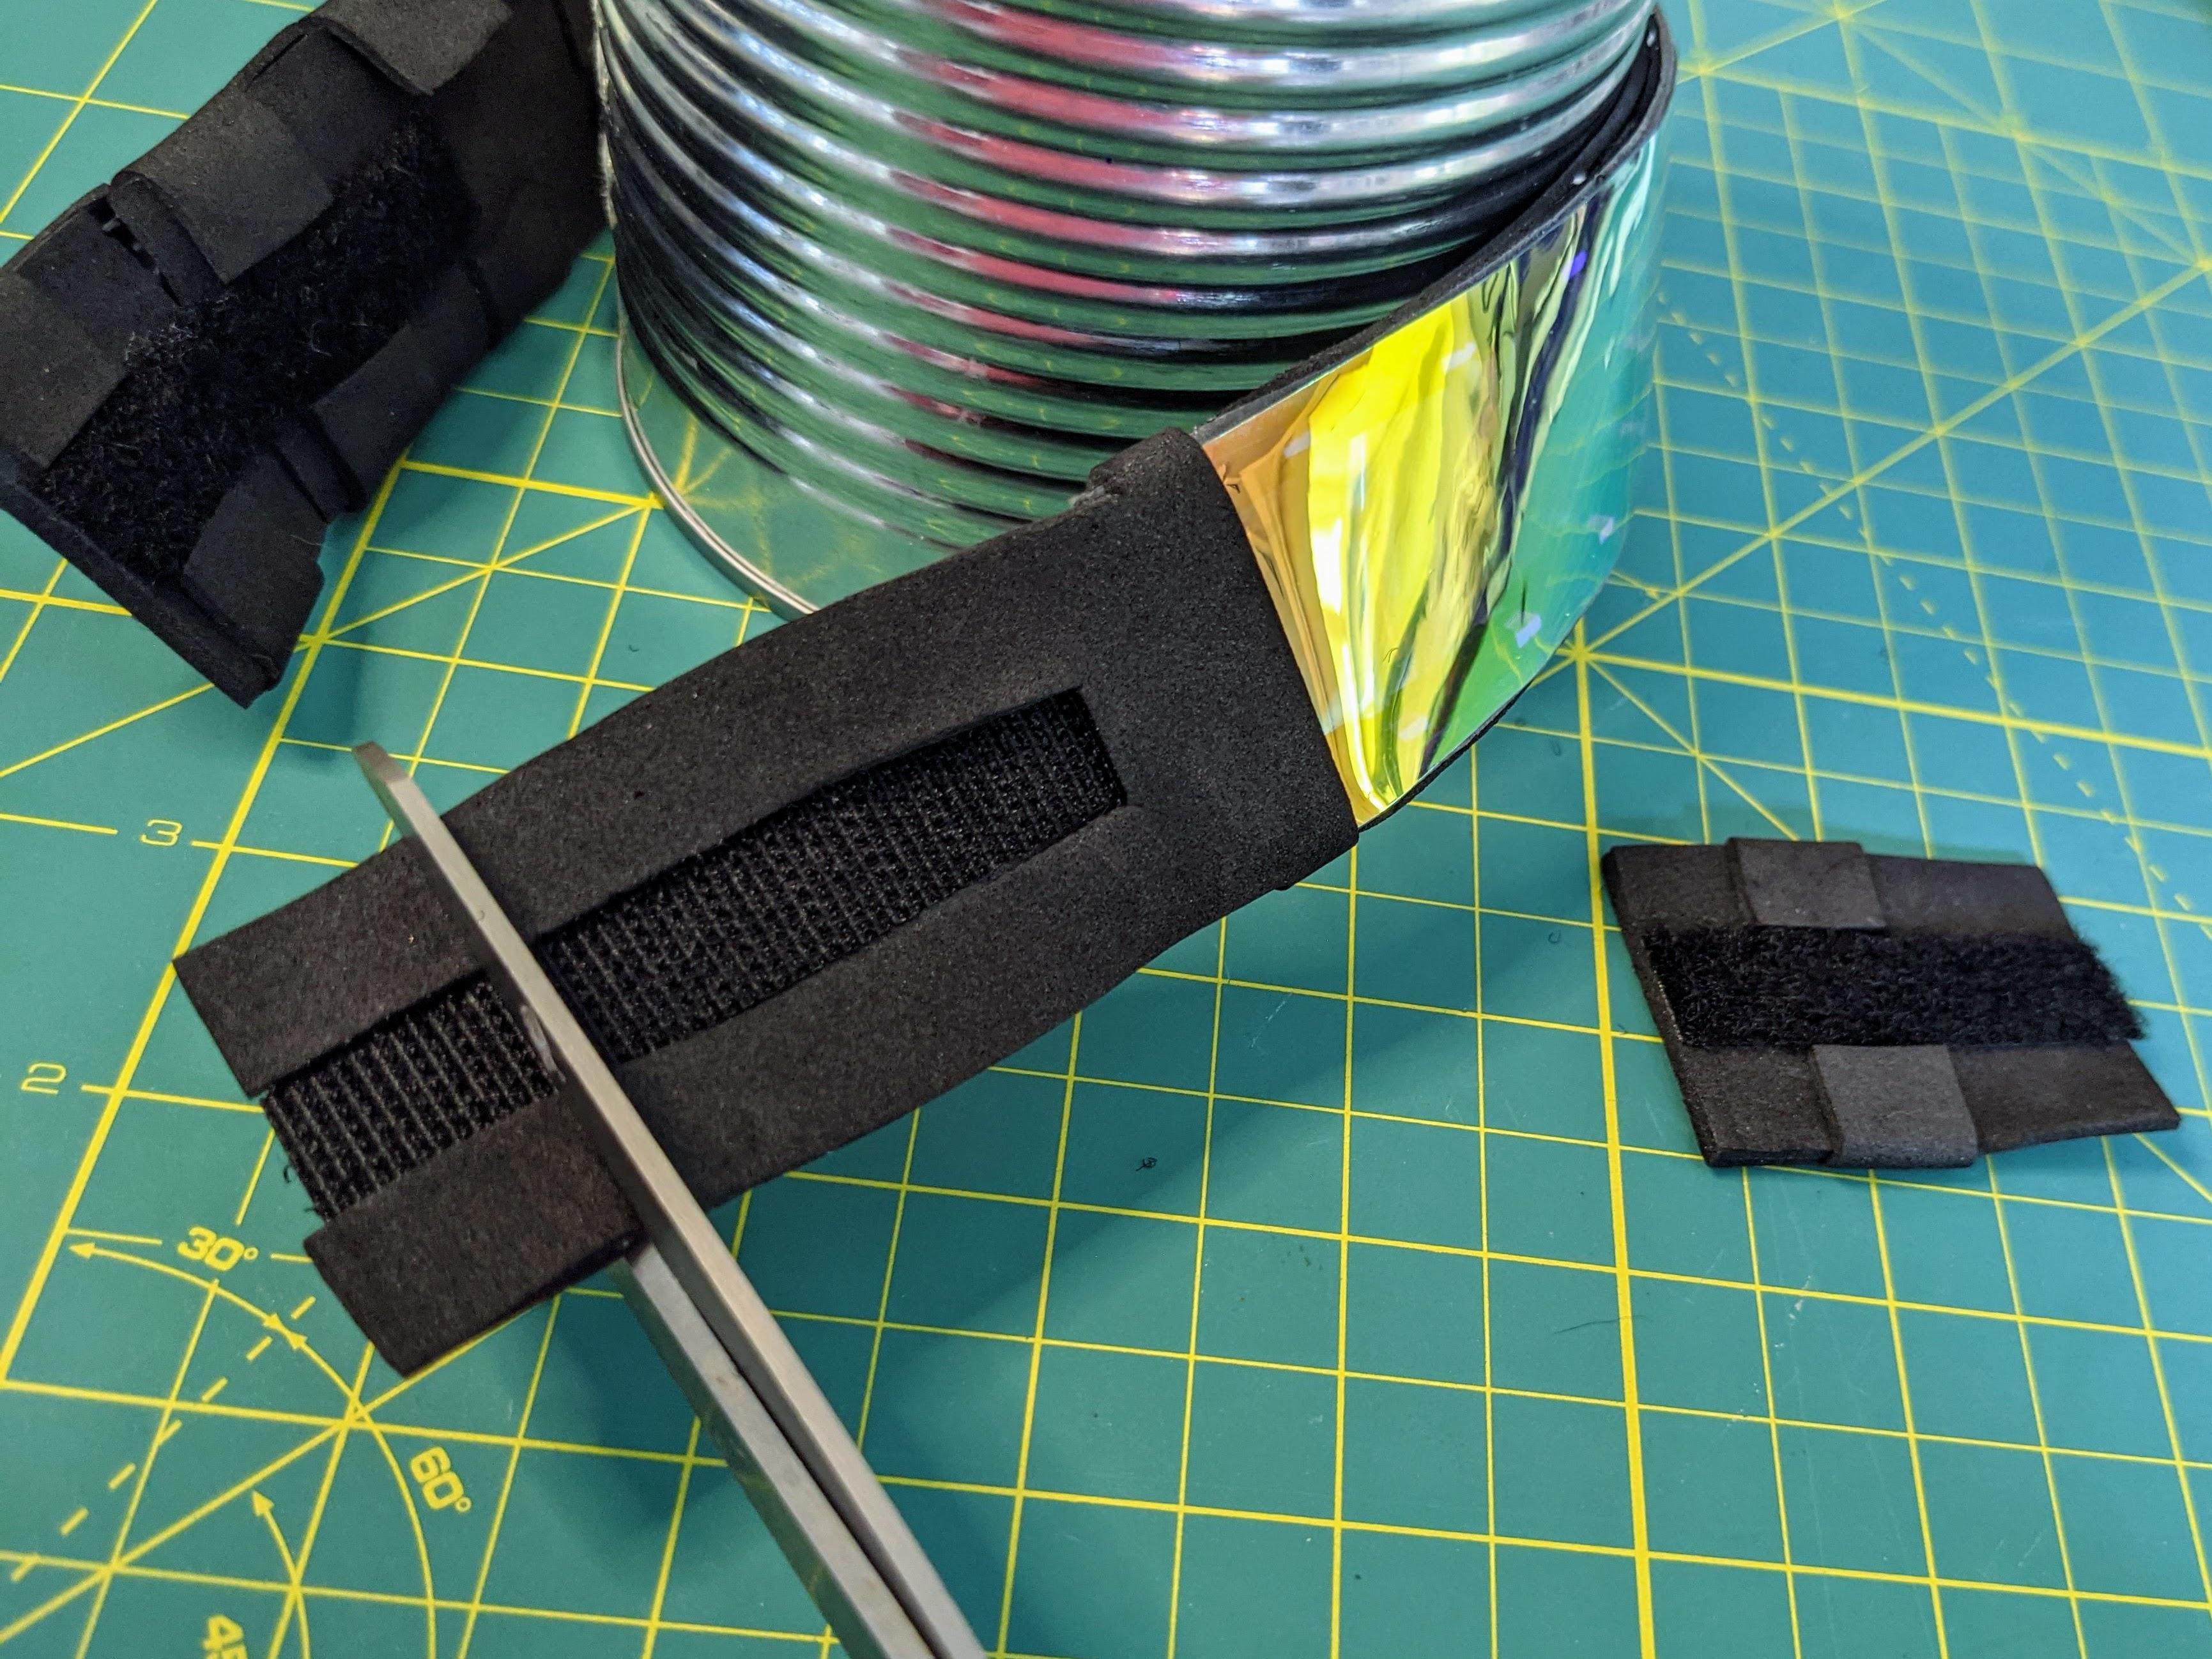 led_strips_PXL_20210125_202632683.jpg